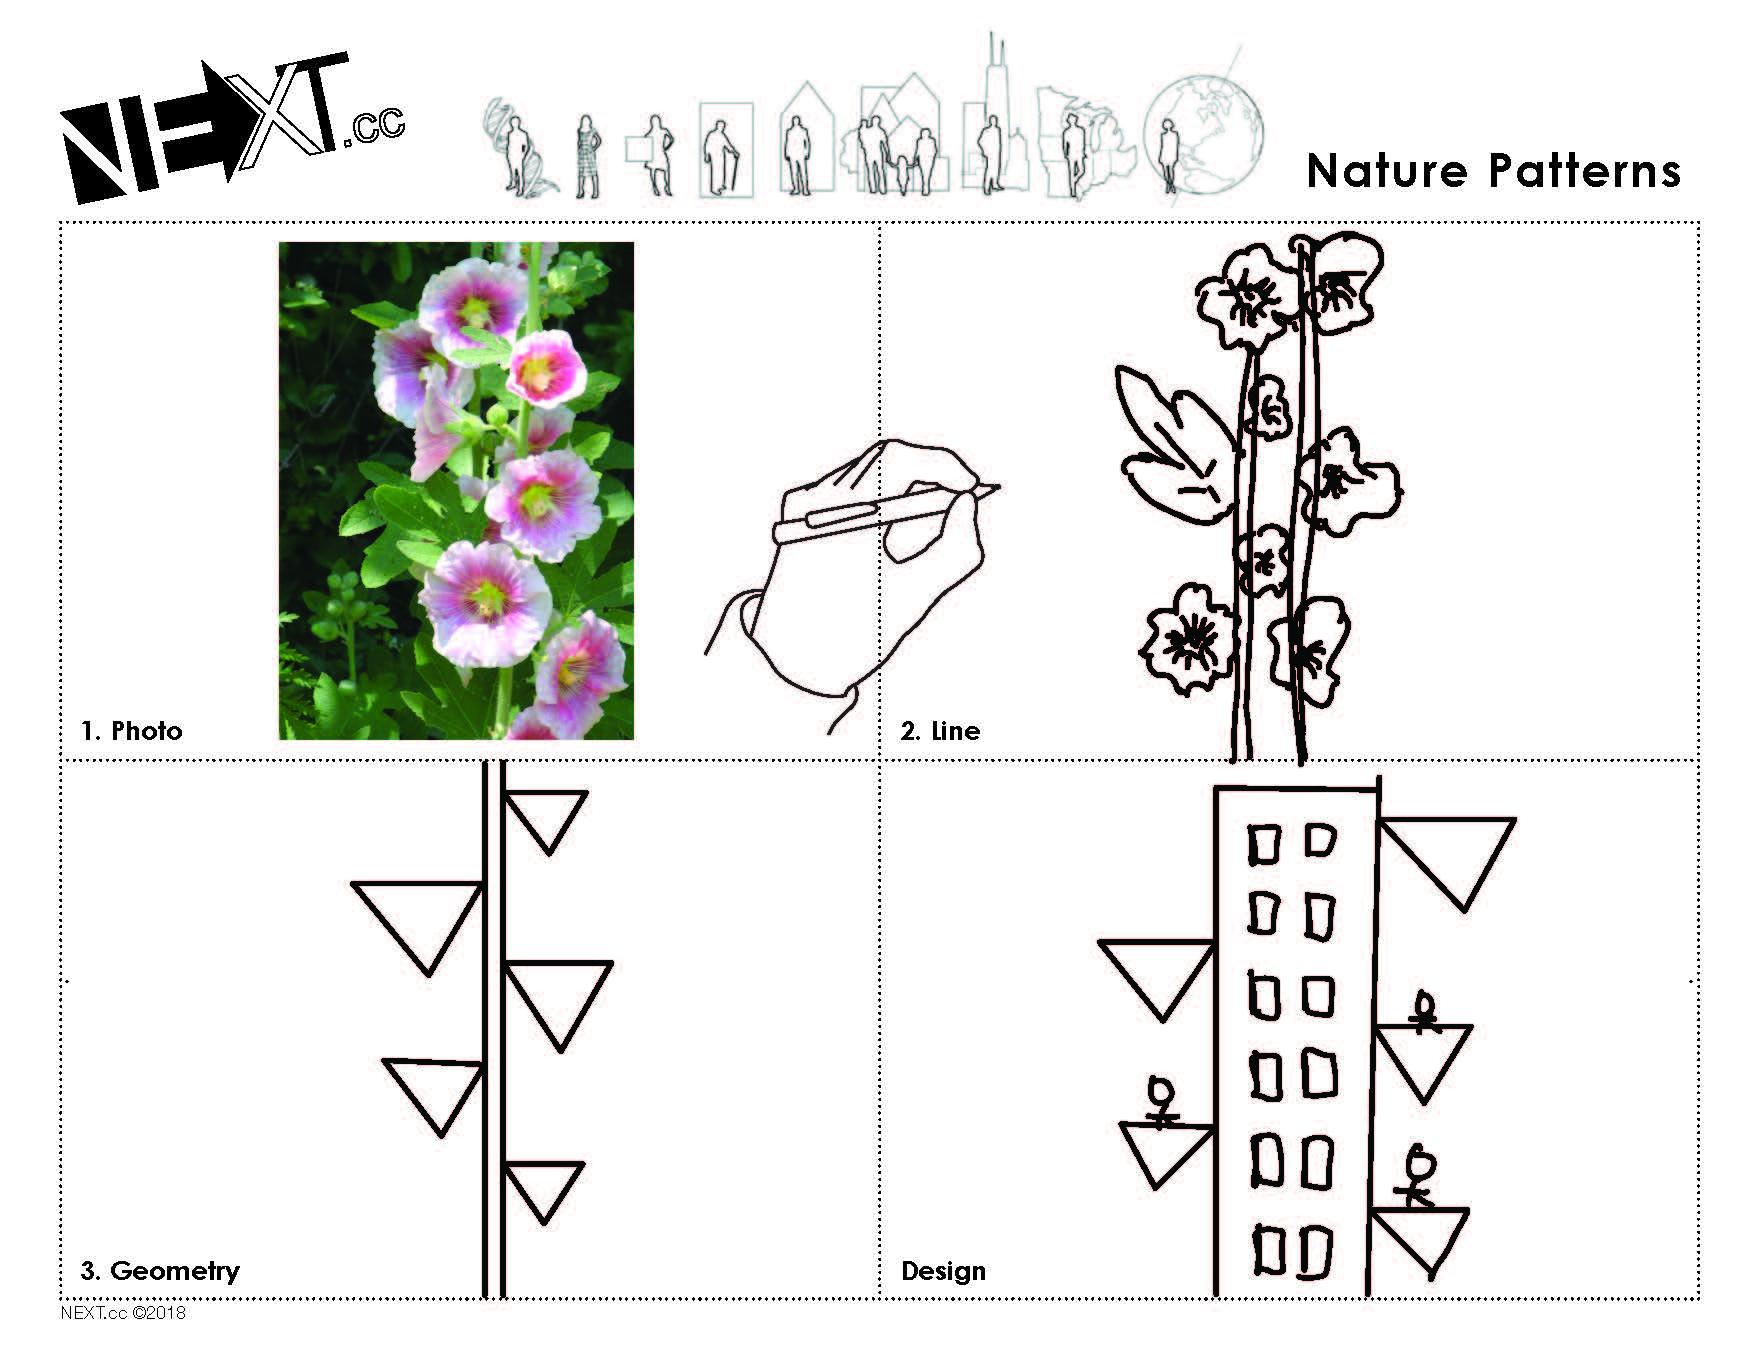 Images 1611016055 naturepatterns a4 yutongzhao 2